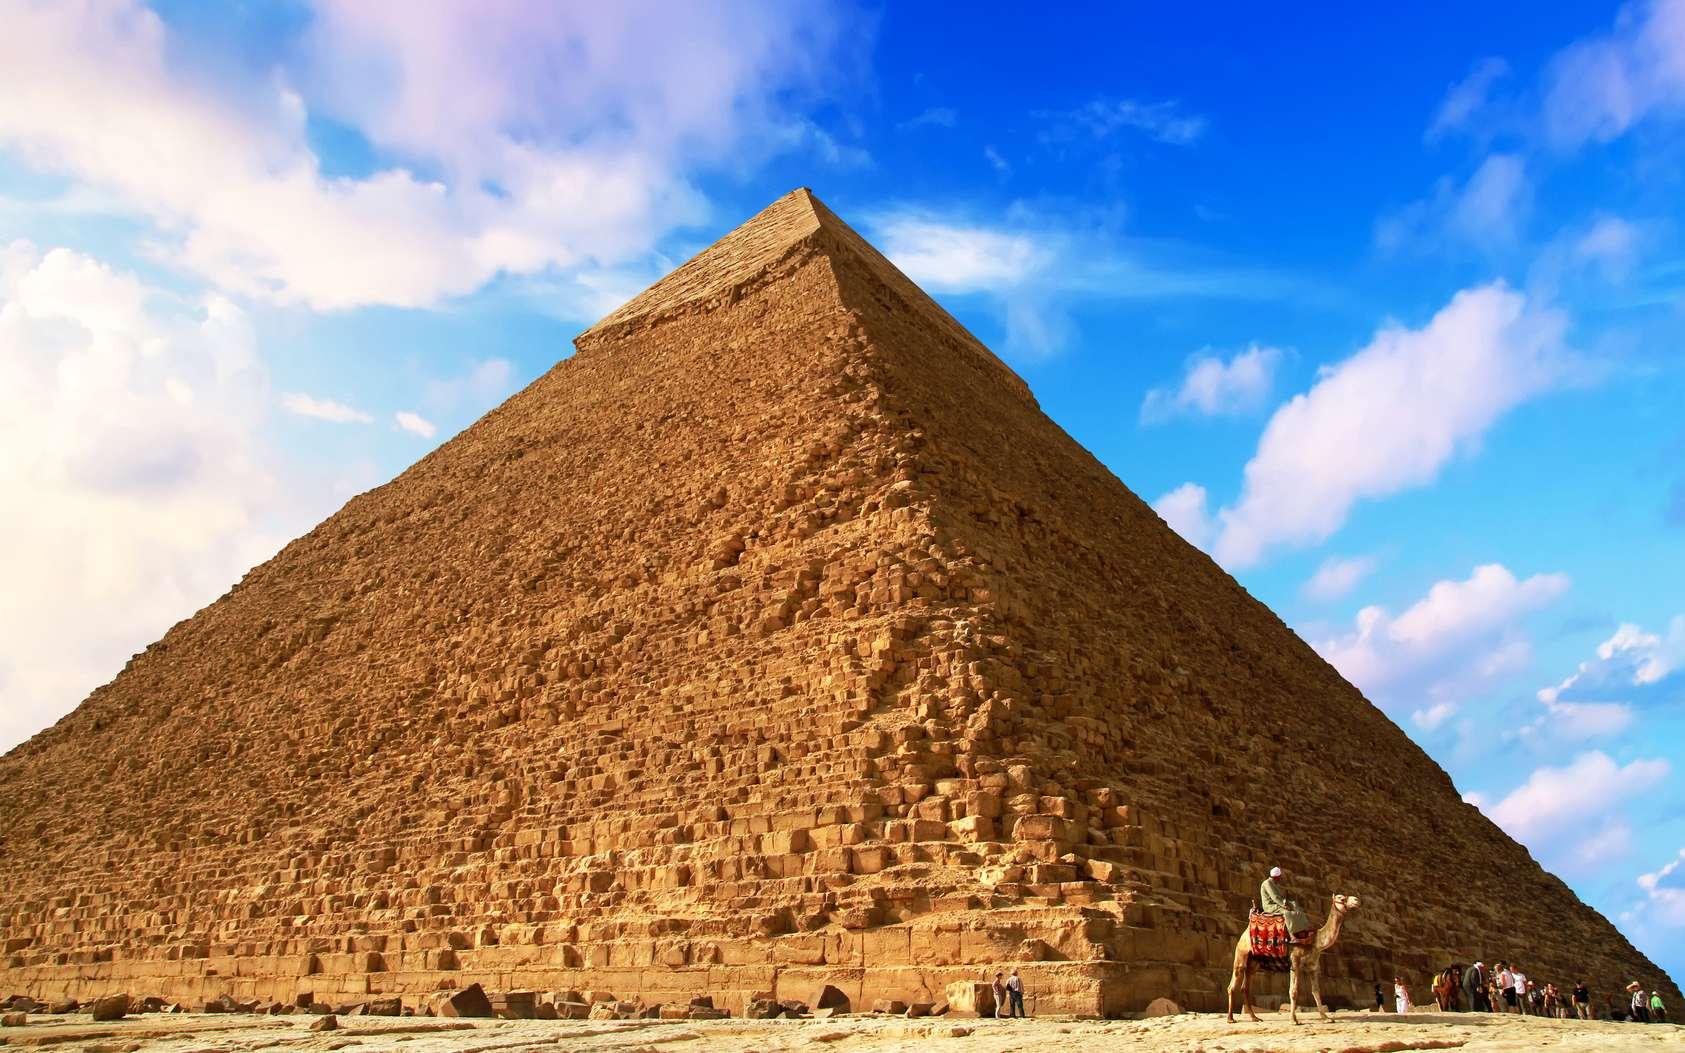 «Songez que du haut de ces pyramides quarante siècles vous contemplent», avait dit Napoléon. Pour la pyramide de Khéops, c'est même 45 siècles ! Elle se compose de plus de 2,3 millions de blocs de 2,5 tonnes. Un édifice impressionnant qui continue de fasciner les Hommes. © Patryk Kosmider, Fotolia